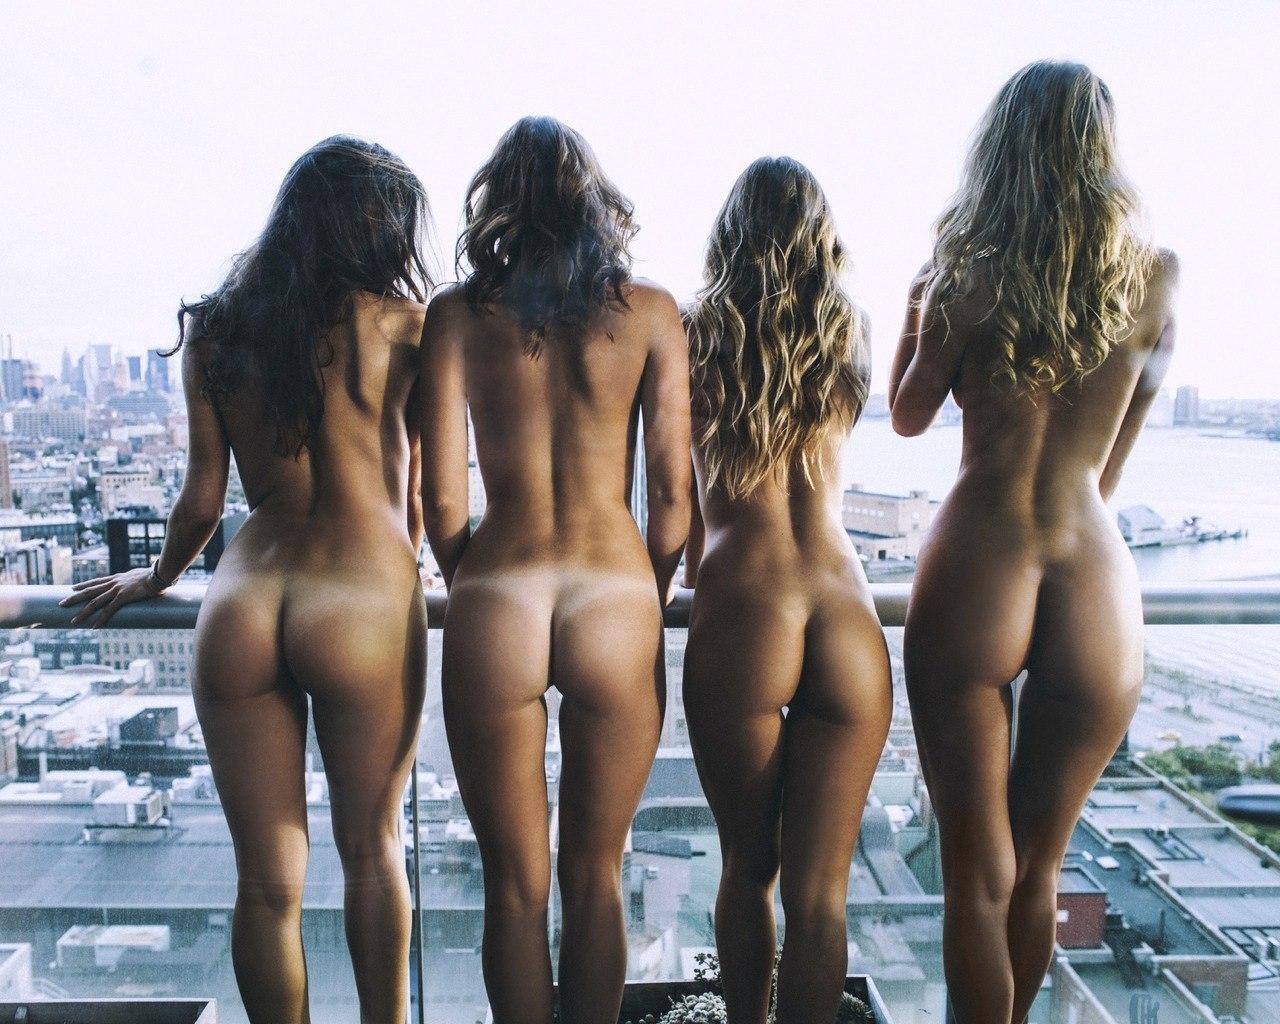 подборка лучших фото голых домашних попок со всего мира